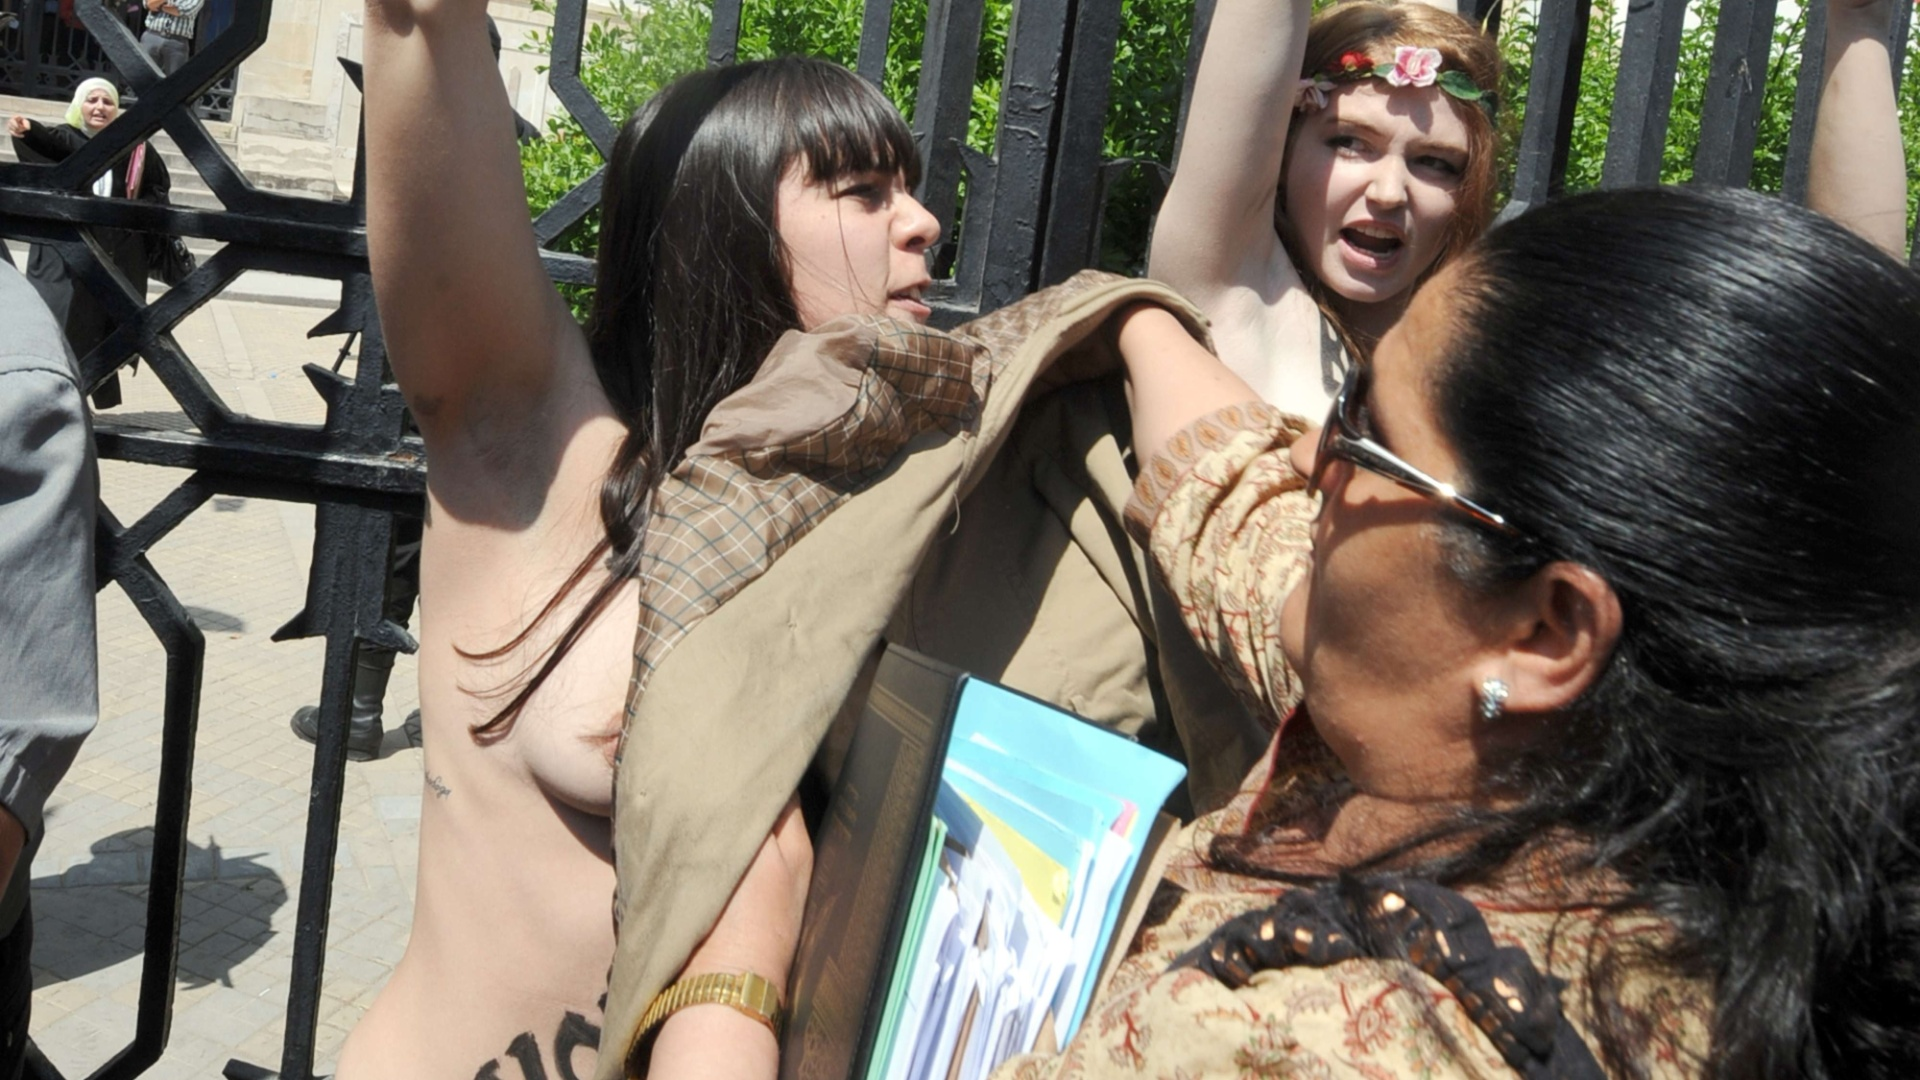 29.mai.2013 - Mulher tenta cobrir seios de manifestante do Grupo Femen, que protestou em frente ao Palácio da Justiça em Túnis, capital da Tunísia. Duas francesas e uma alemã exibiram faixas com os dizeres